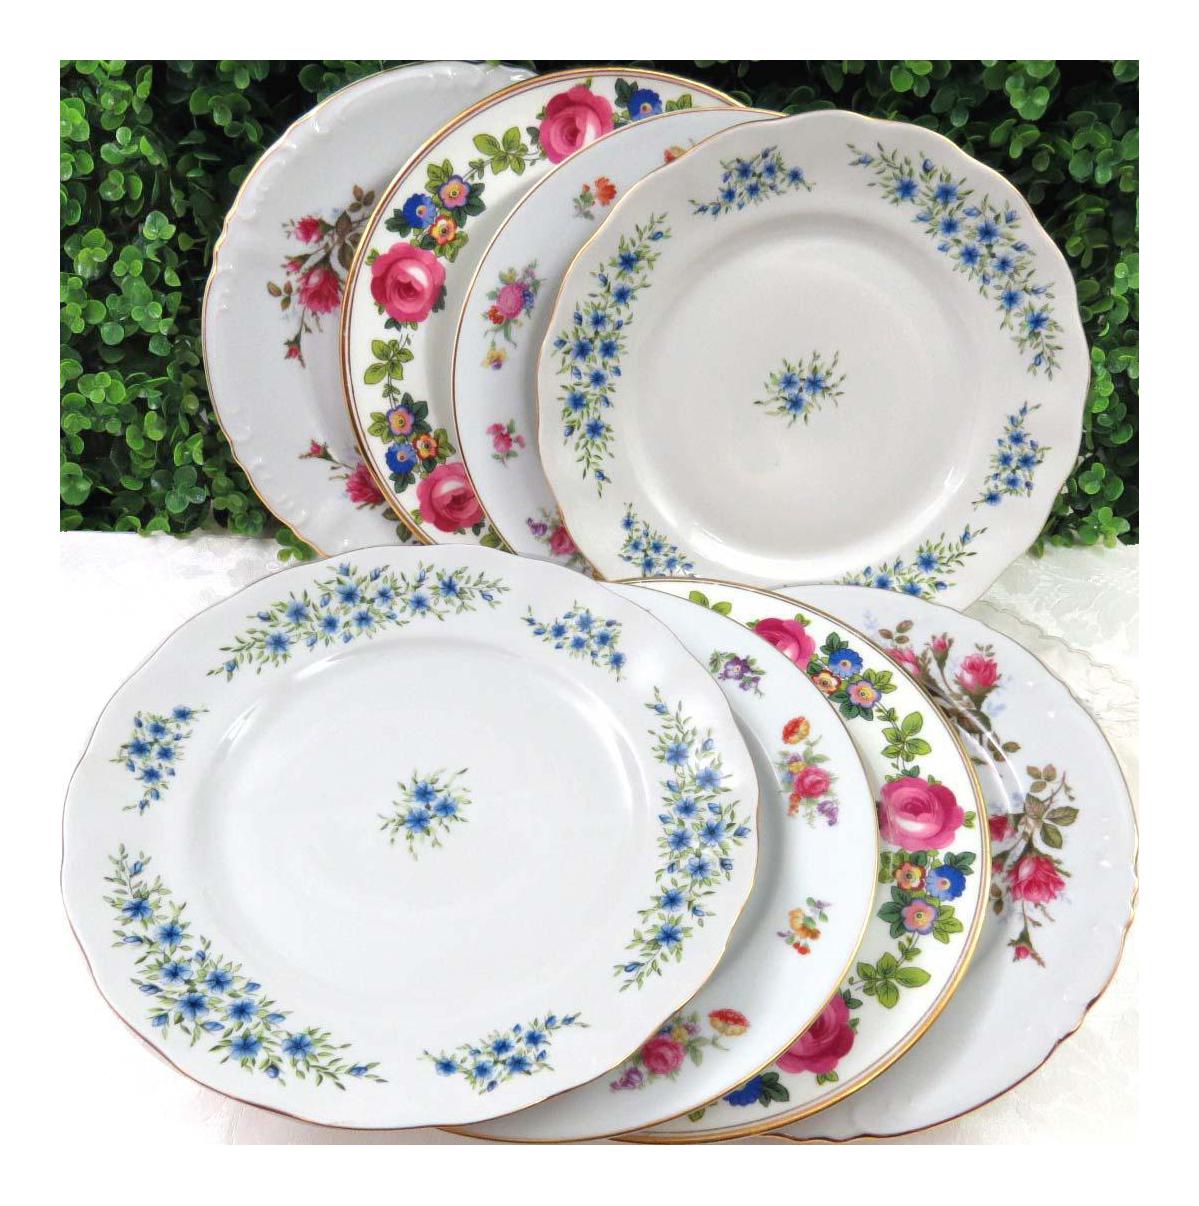 Mismatched Vintage Dinner Plates - Set of 8  sc 1 st  Chairish & Mismatched Vintage Dinner Plates - Set of 8   Chairish